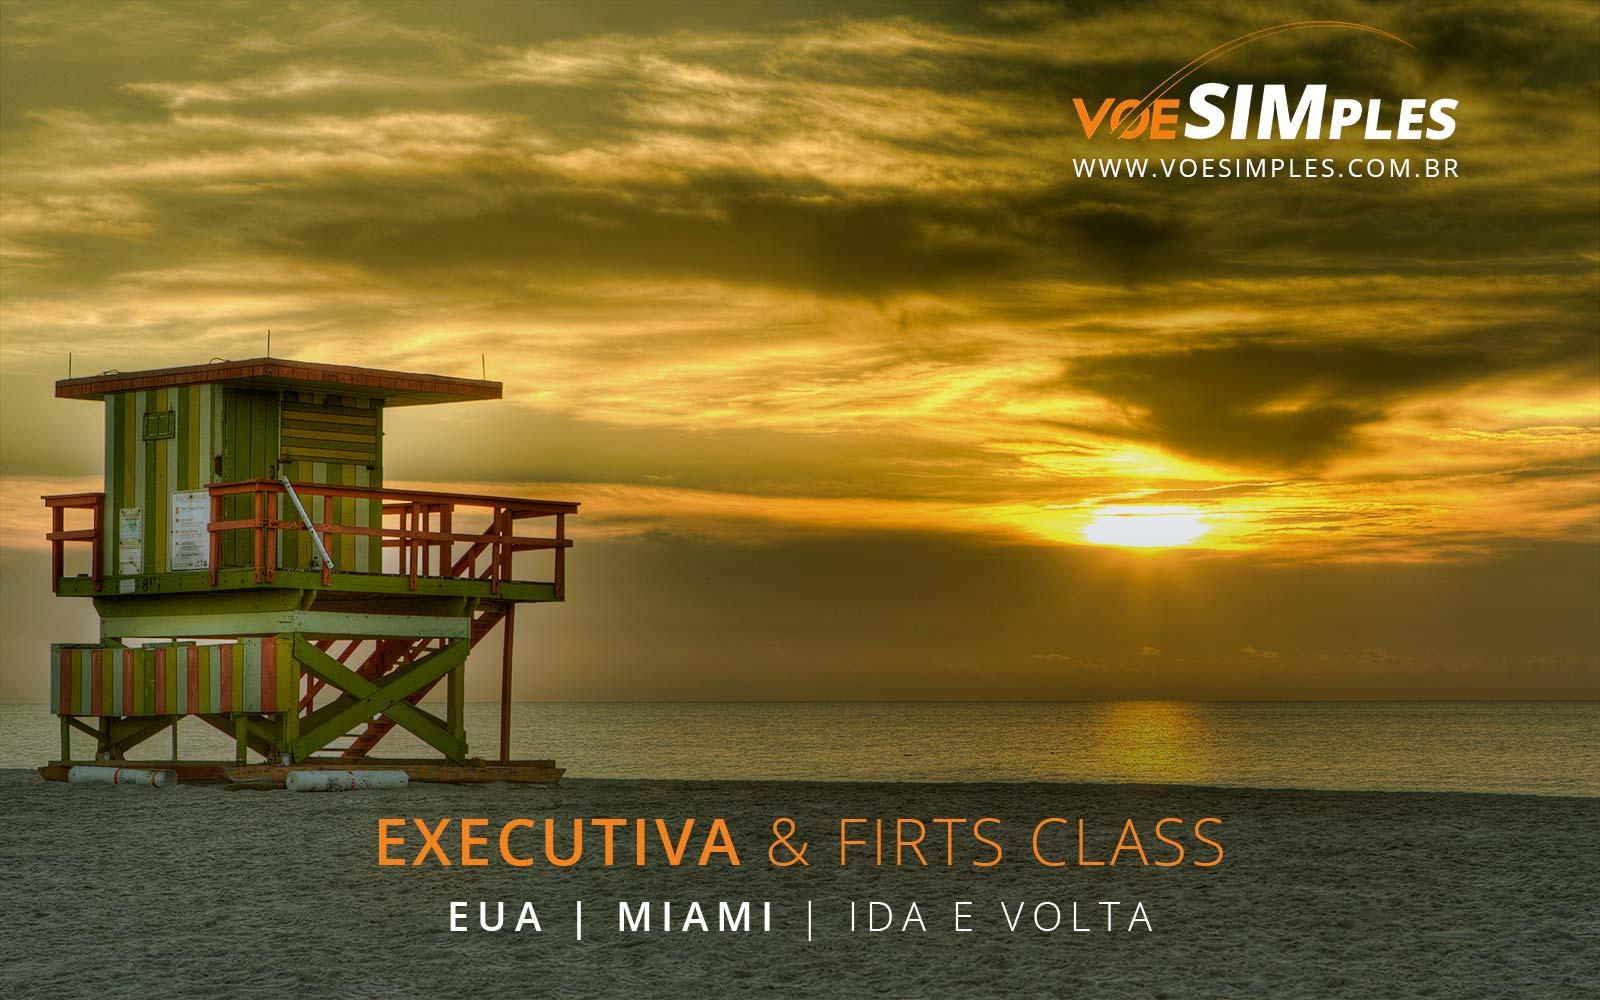 Passagens aéreas em Classe Executiva para Miami nos Estados Unidos